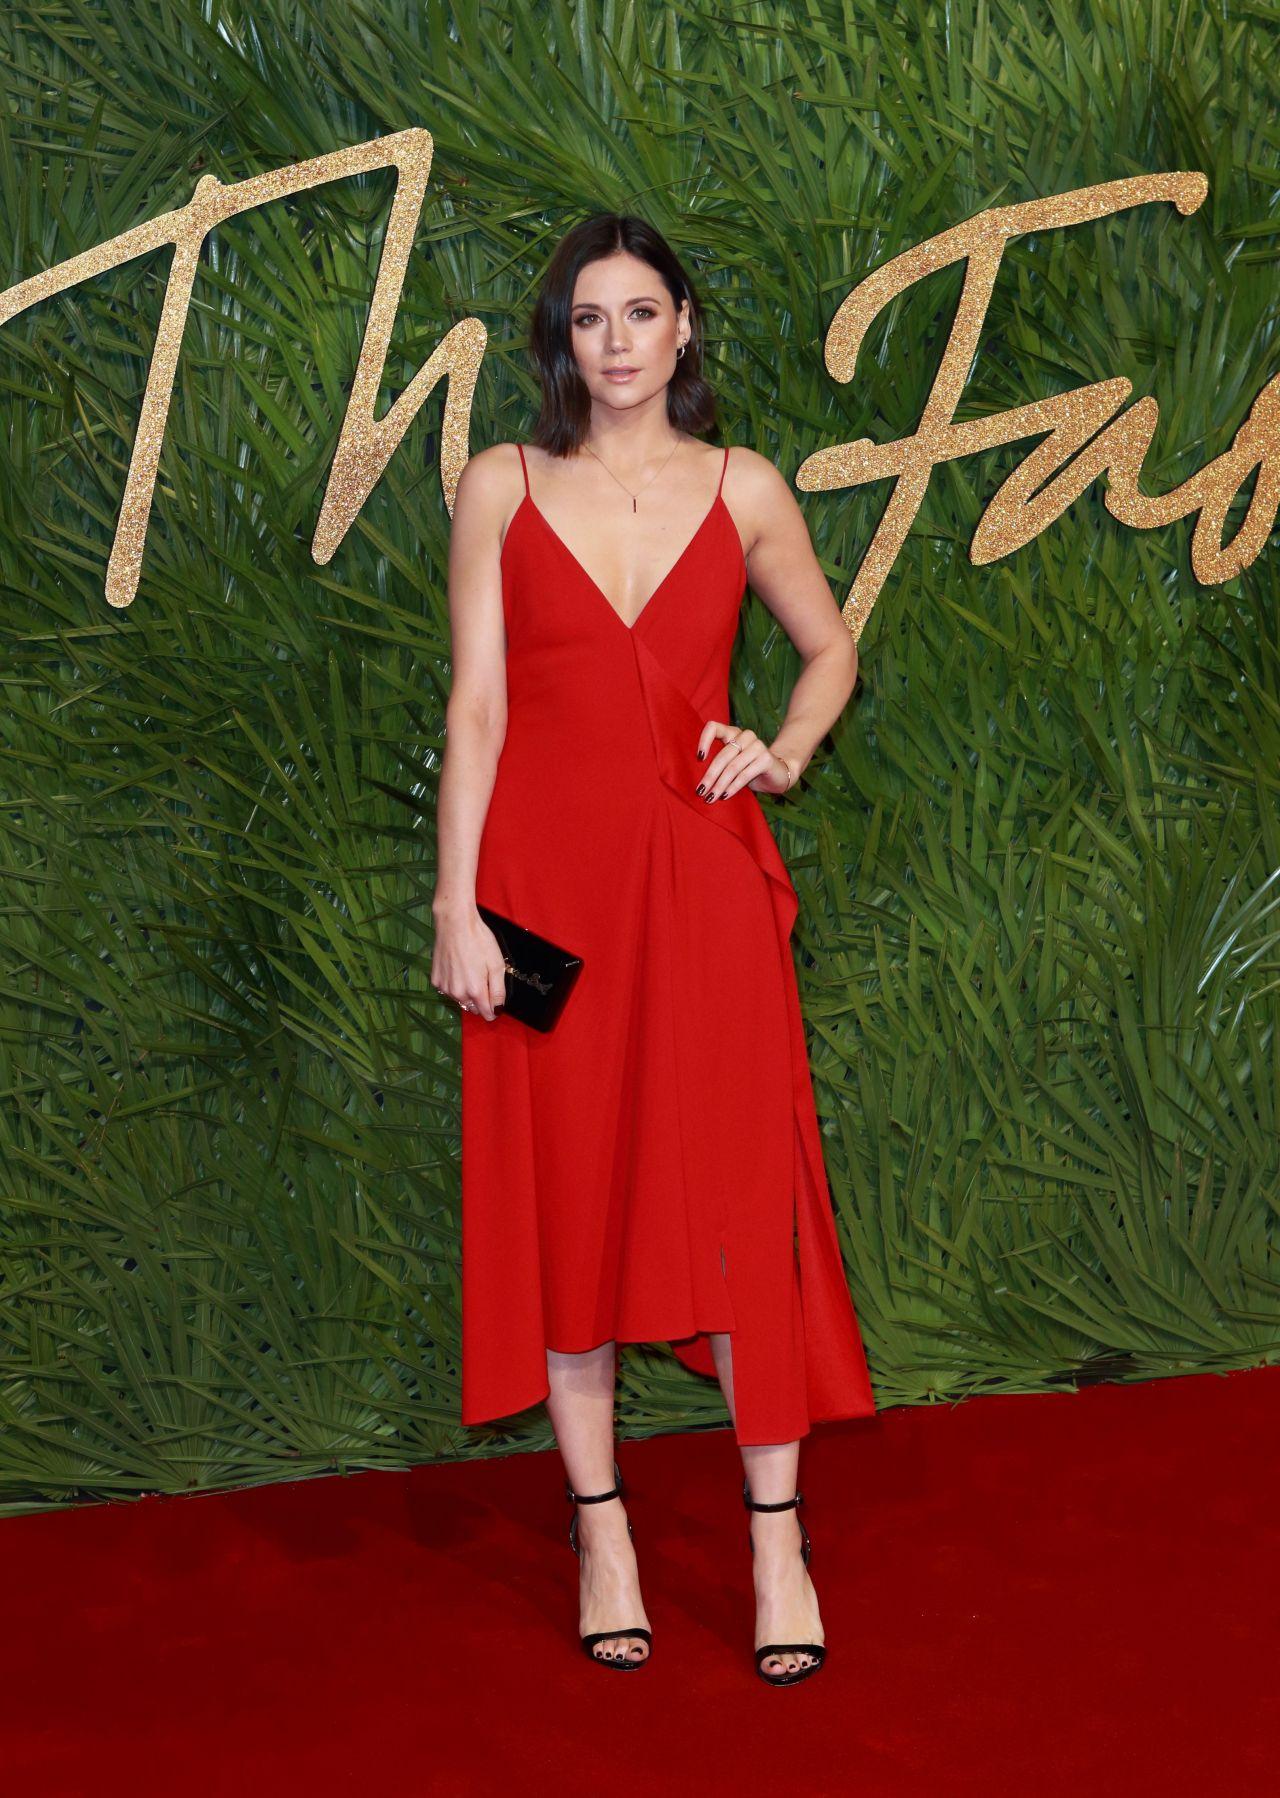 Fashion Awards 2017 In London